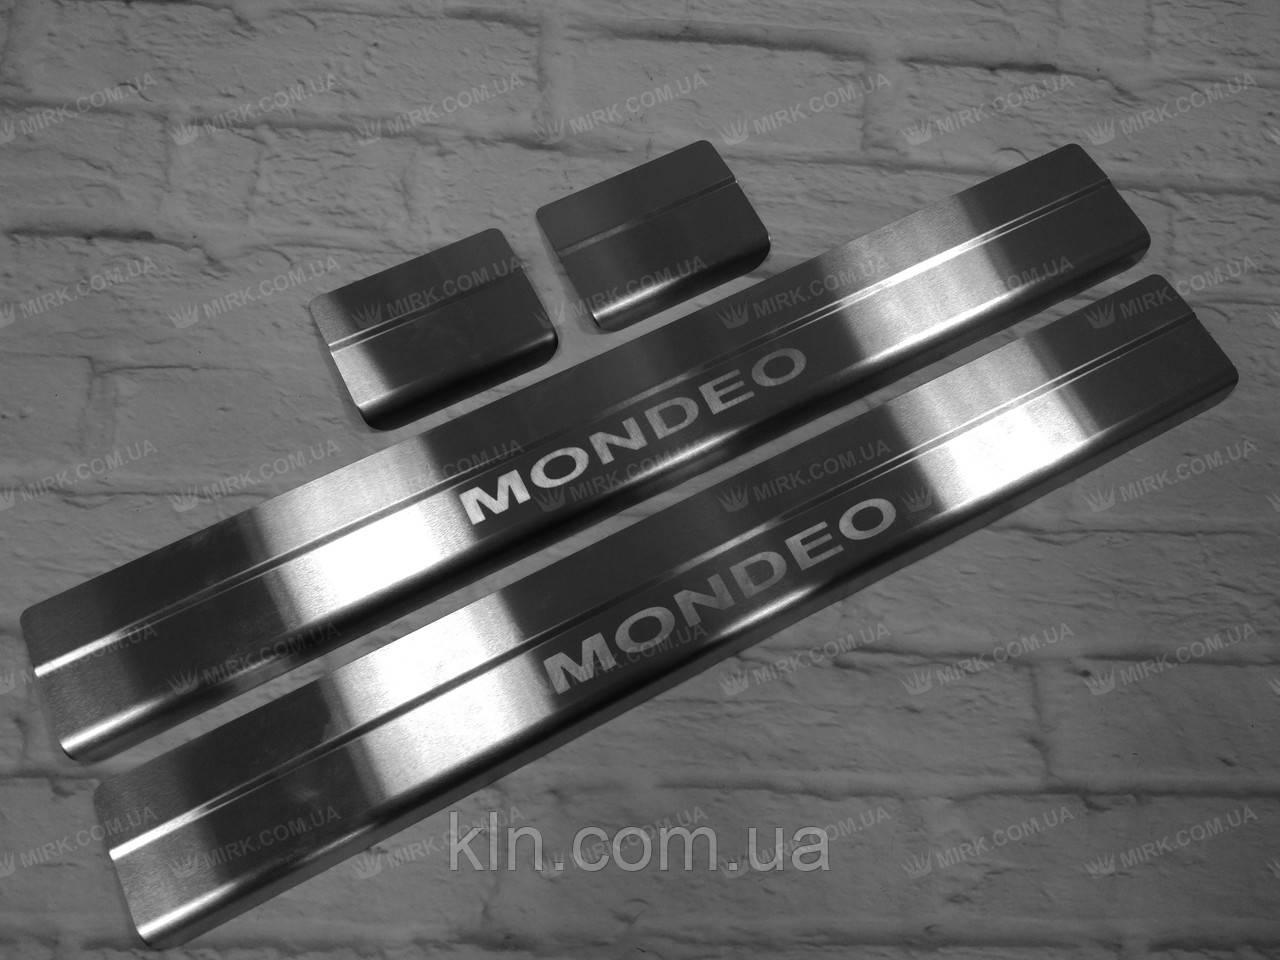 Накладки на пороги Ford Mondeo IV 2007-2014